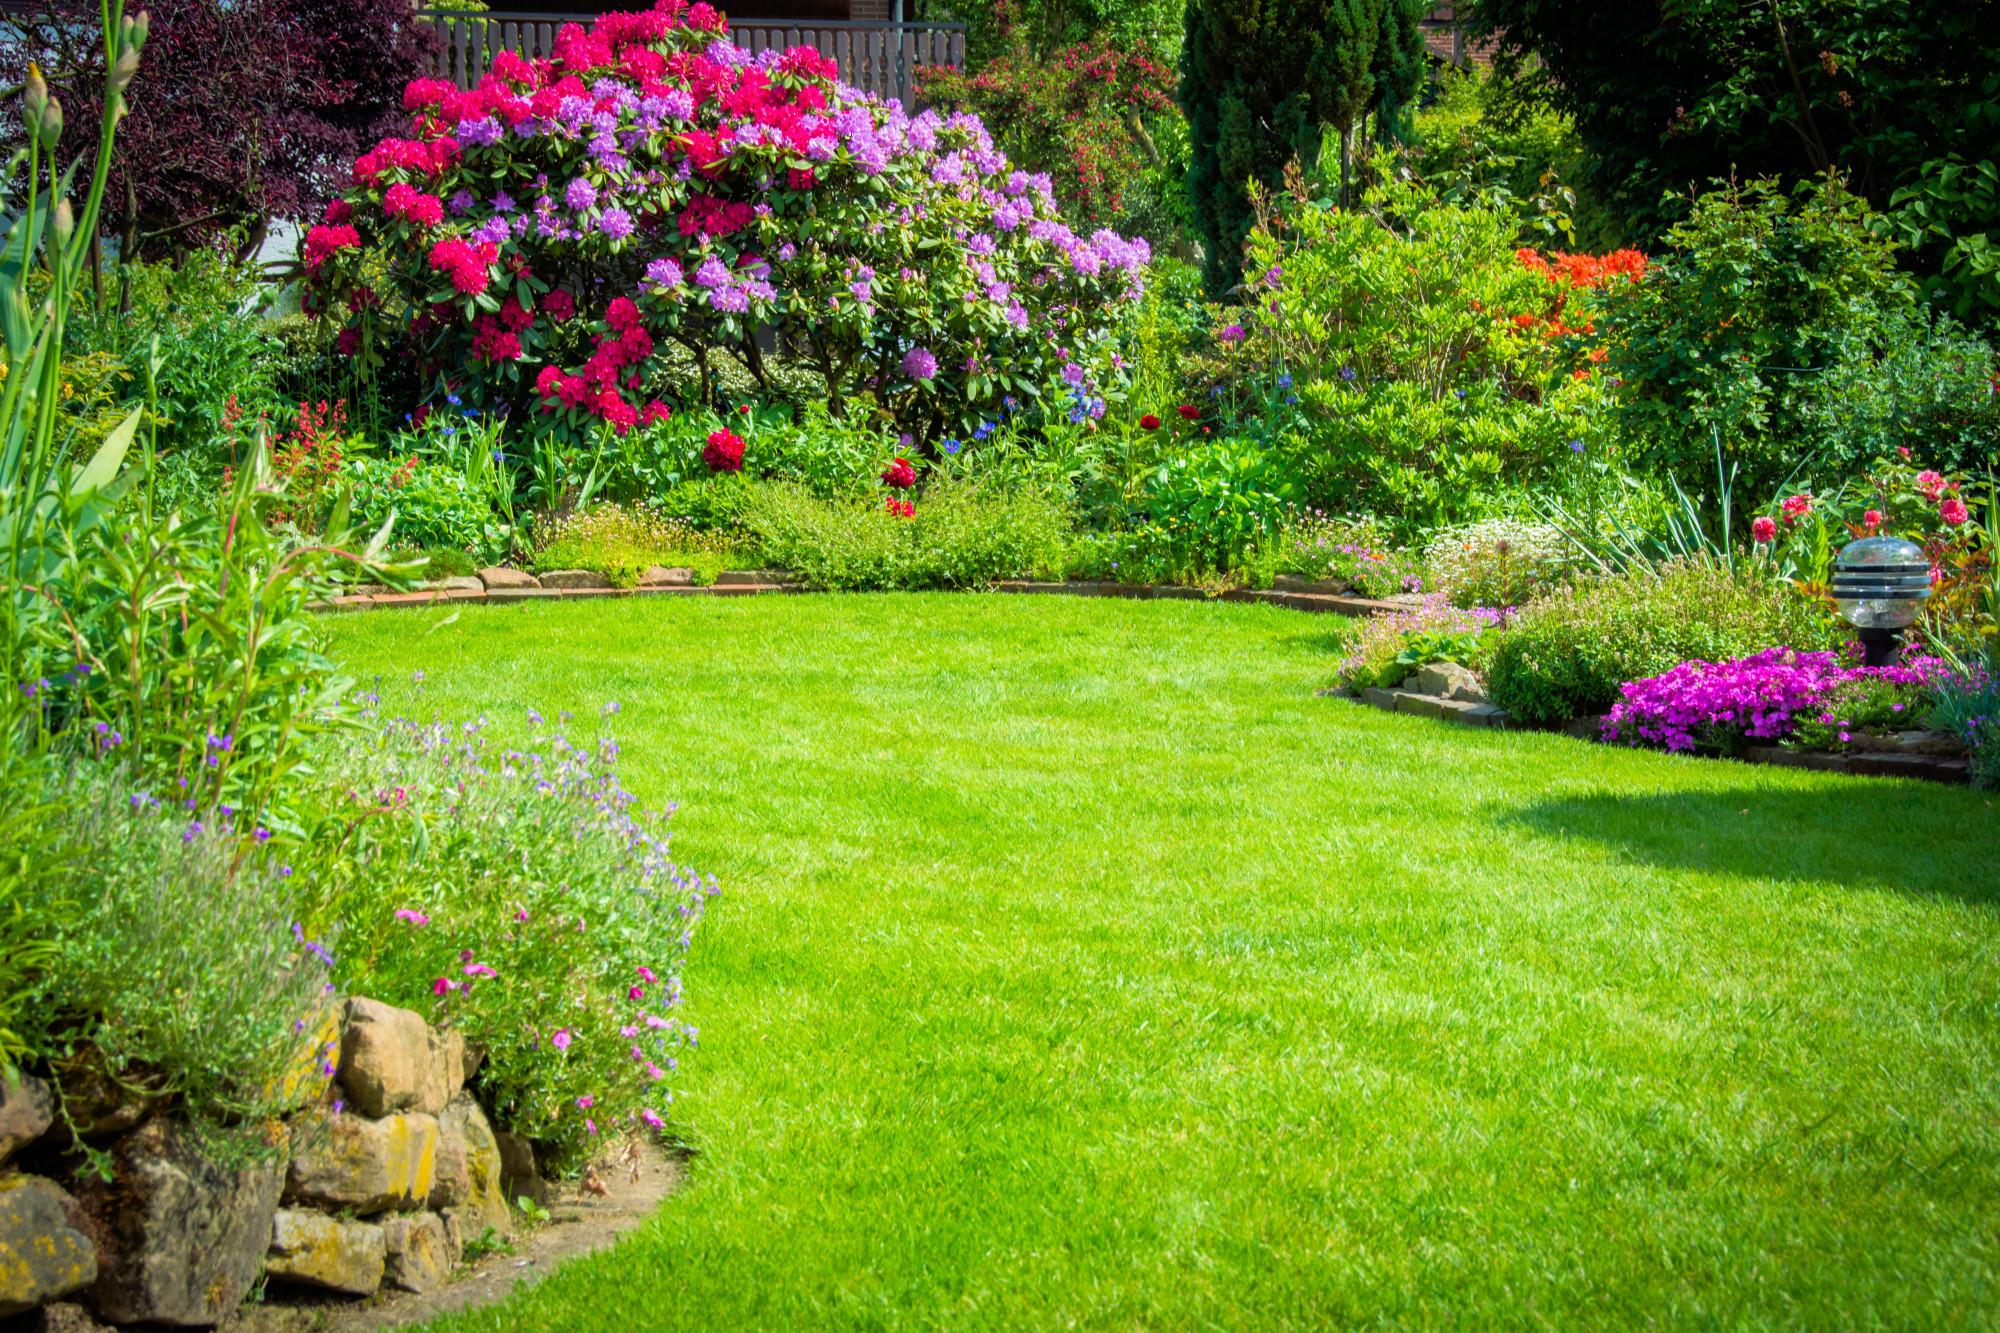 5 Conseils Pour Réussir Son Aménagement Paysager ... destiné Comment Faire Son Jardin Paysager